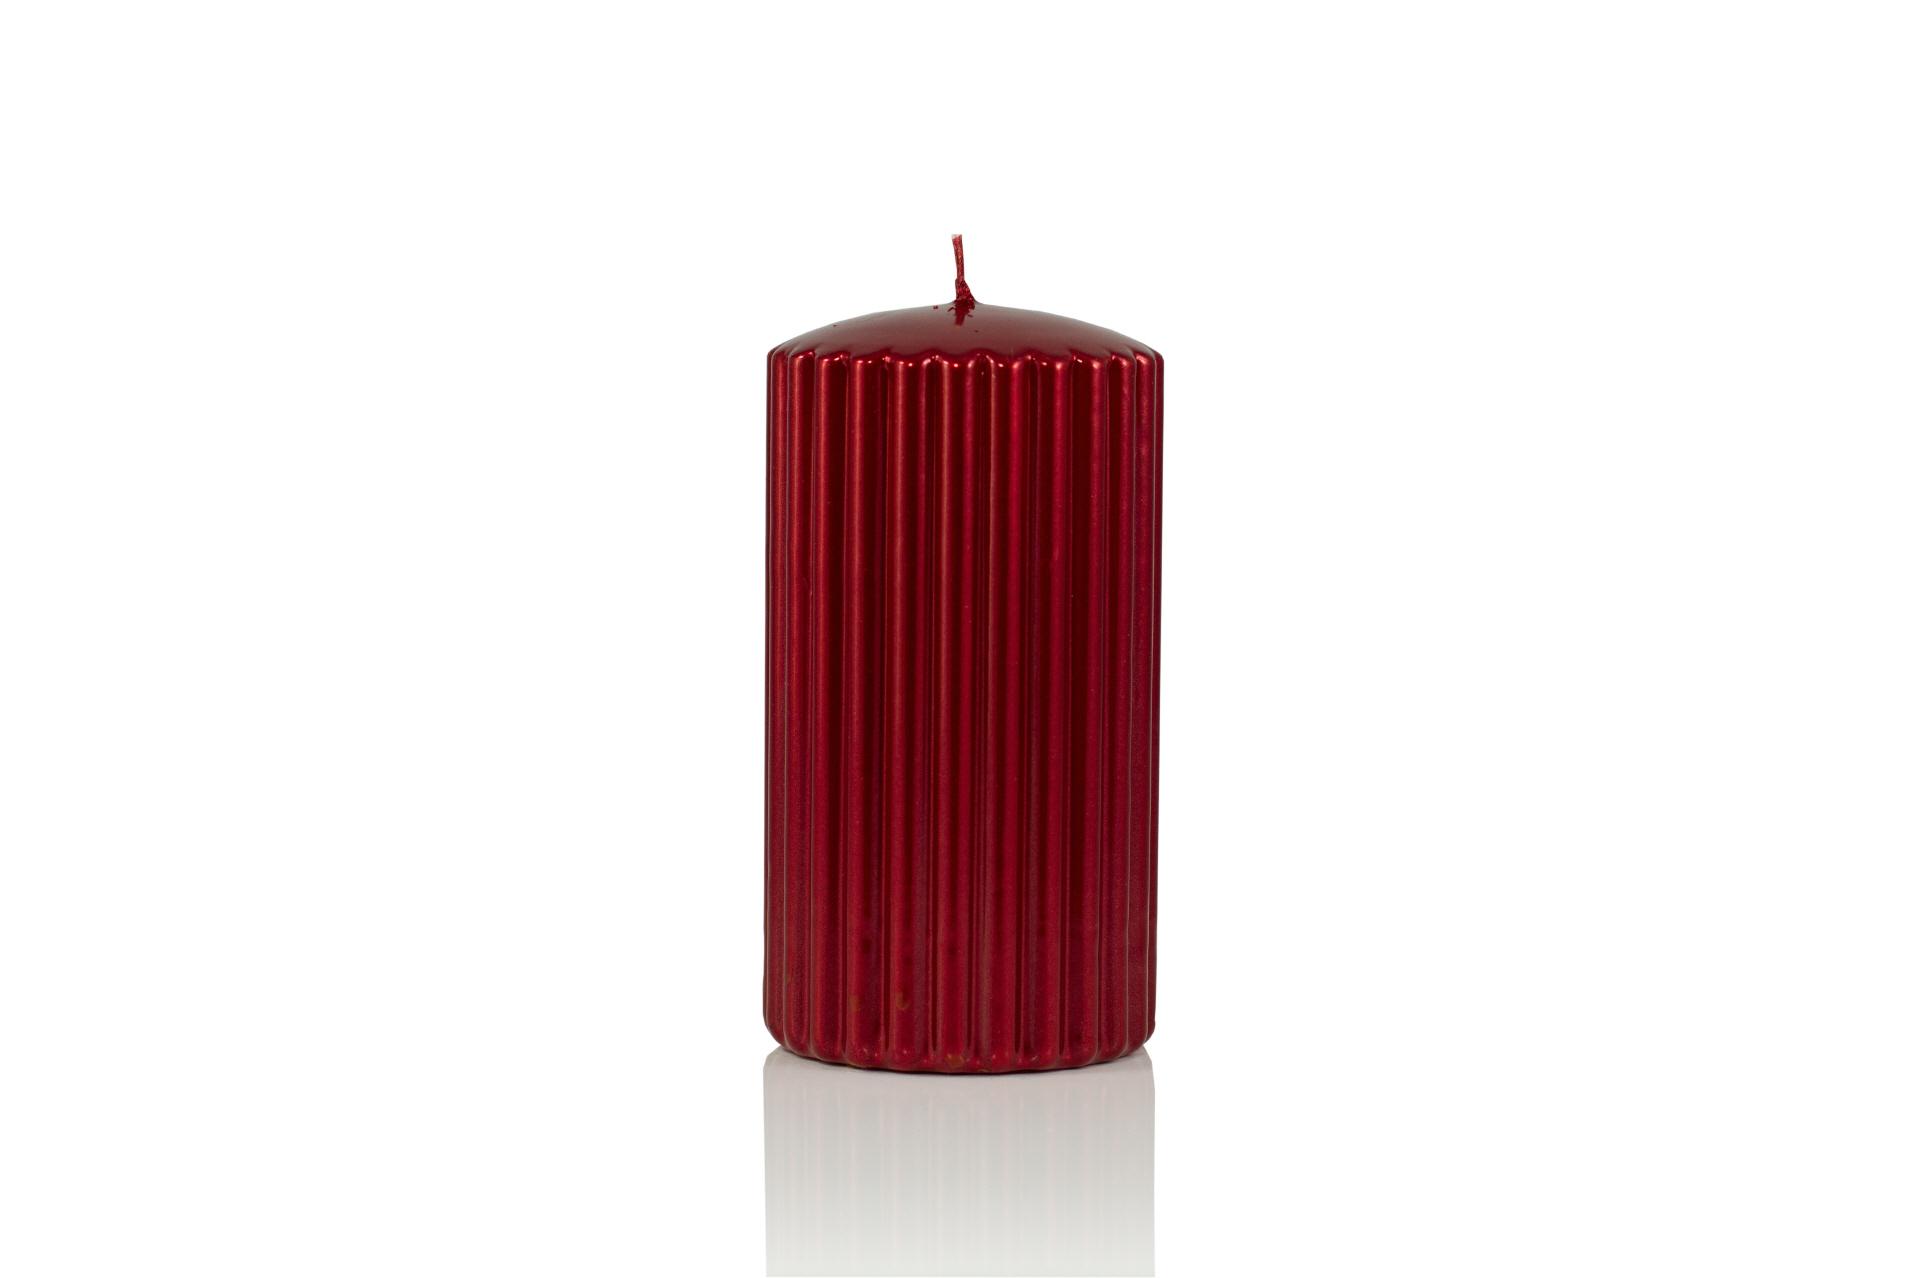 4er adventskerzen rillenkerzen rubin 150 x 80 mm im kerzen shop zu guenstigen preisen kaufen. Black Bedroom Furniture Sets. Home Design Ideas